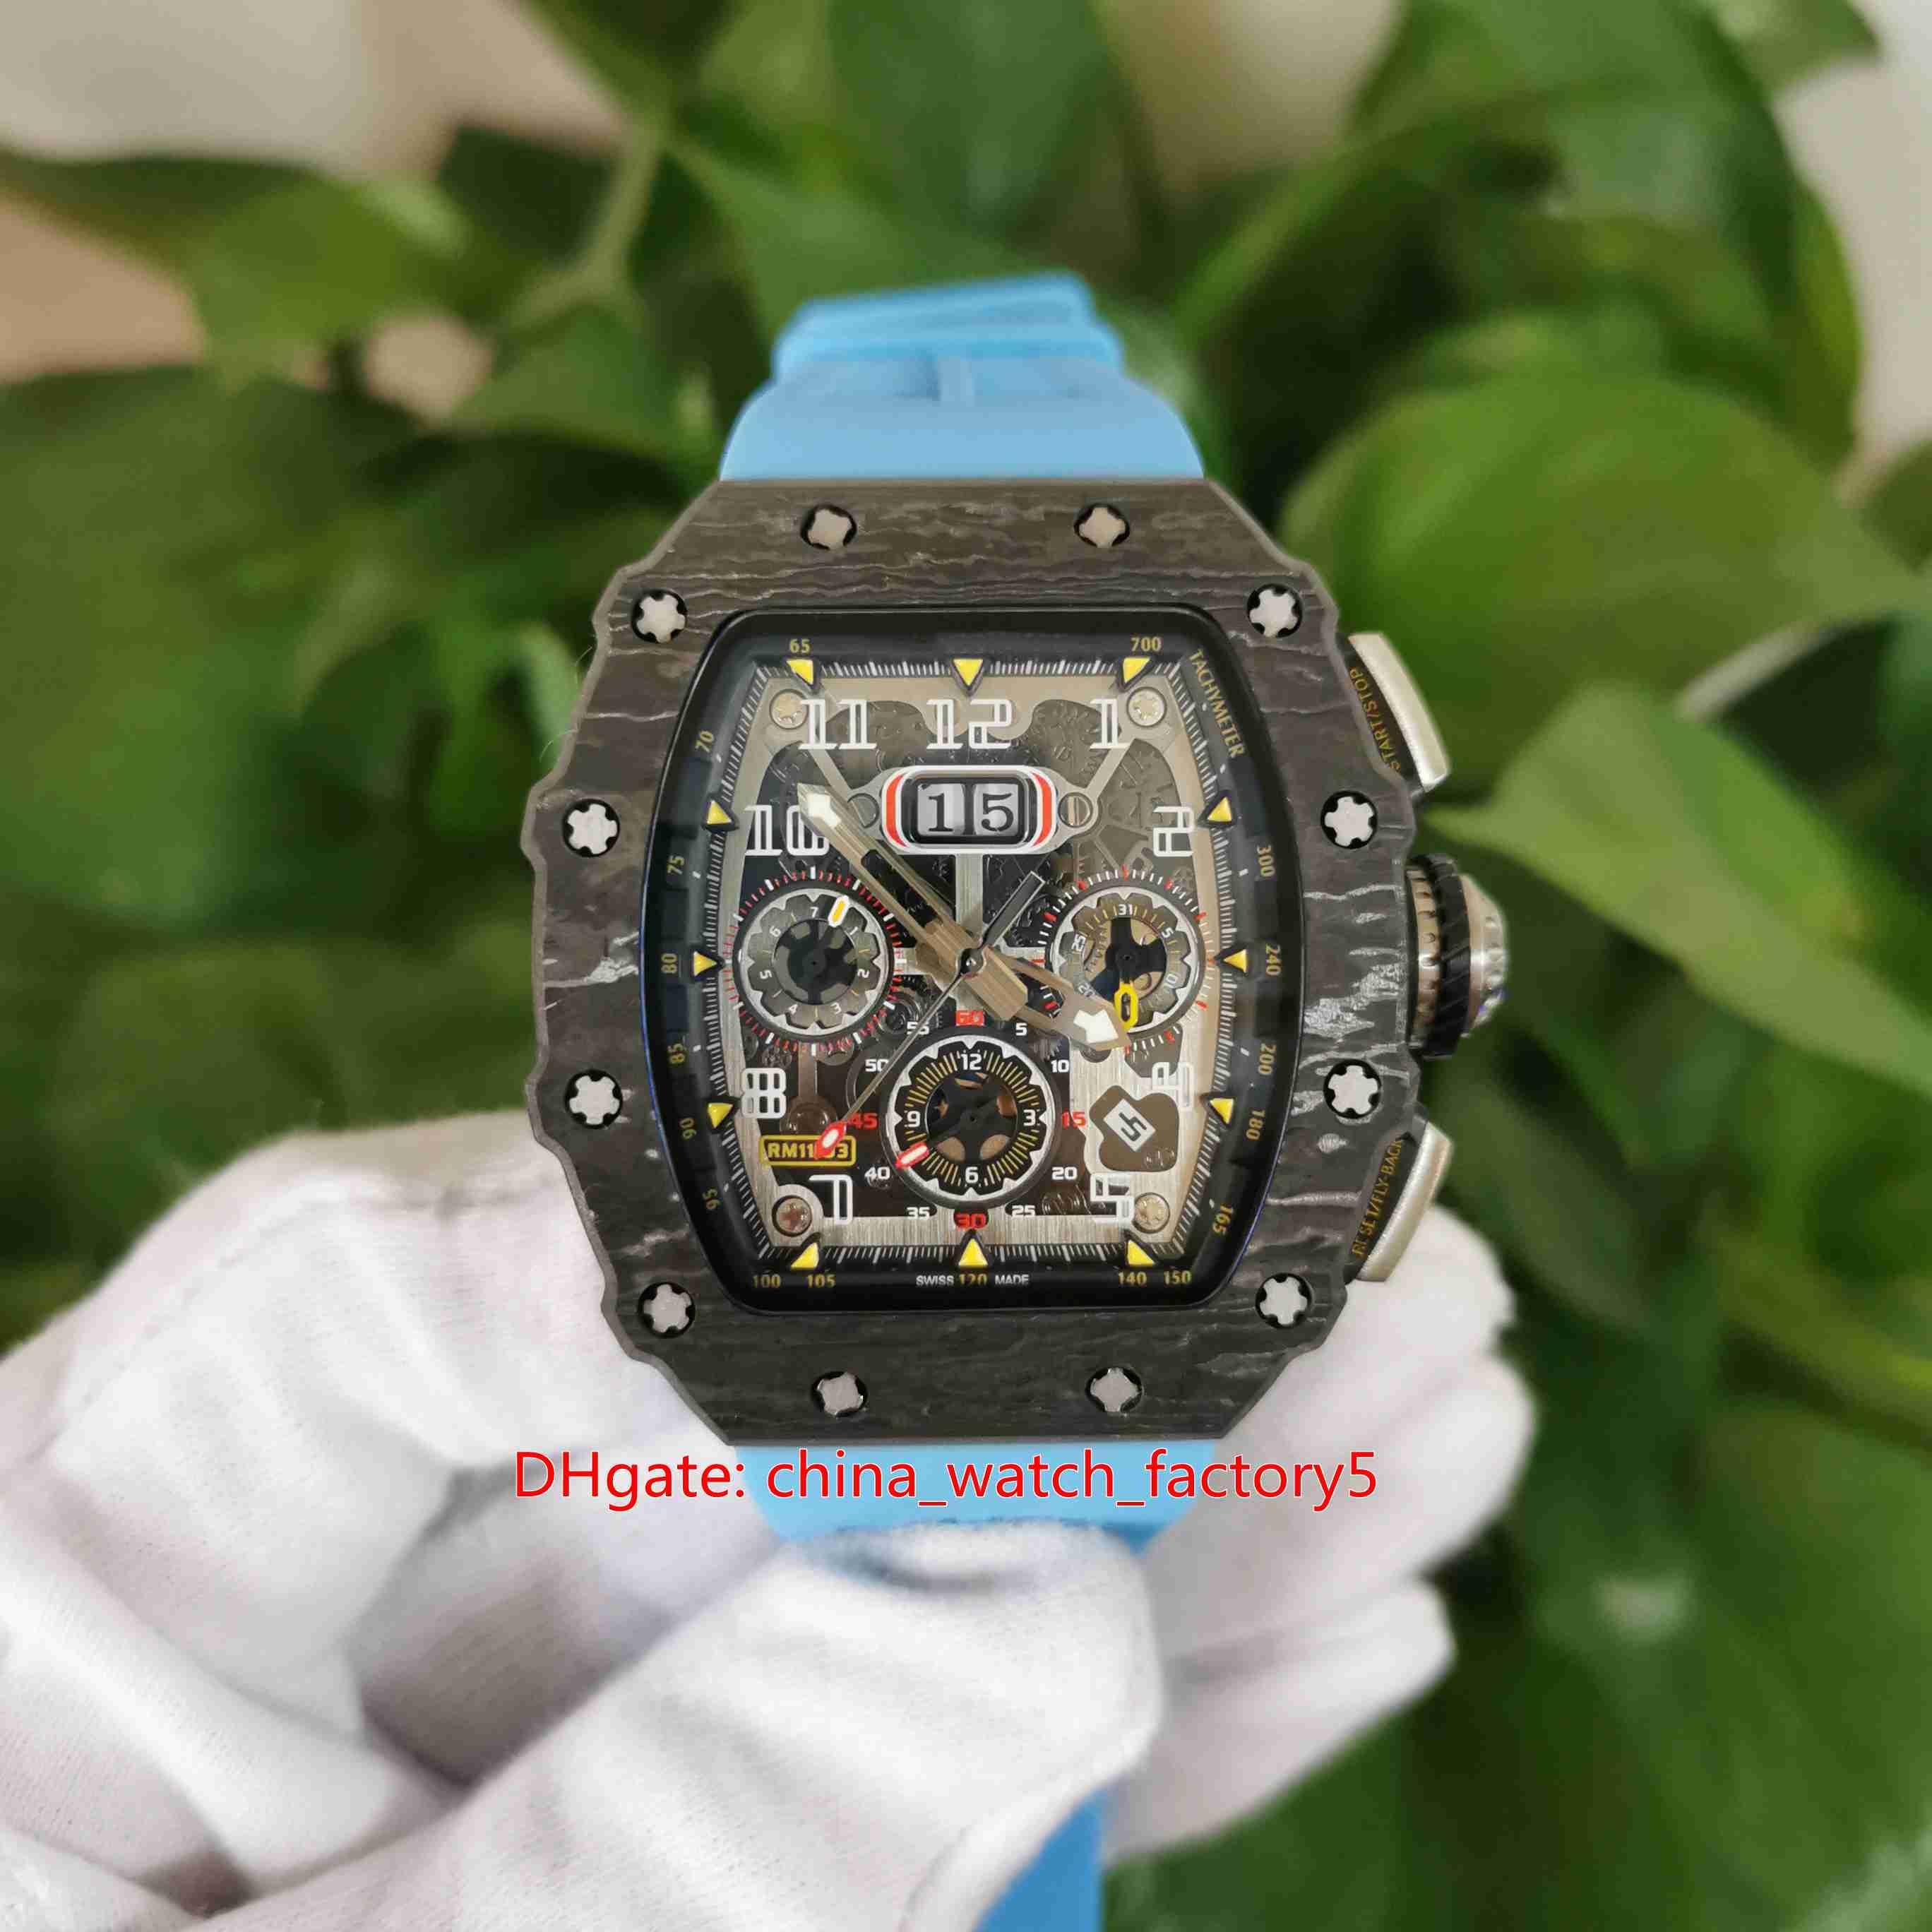 Горячие предметы высочайшего качества часы 50 мм х 40 мм RM11-03 RM 11-03 Flubback Скелетные наручные часы резиновые полосы механические автоматические мужские мужские часы